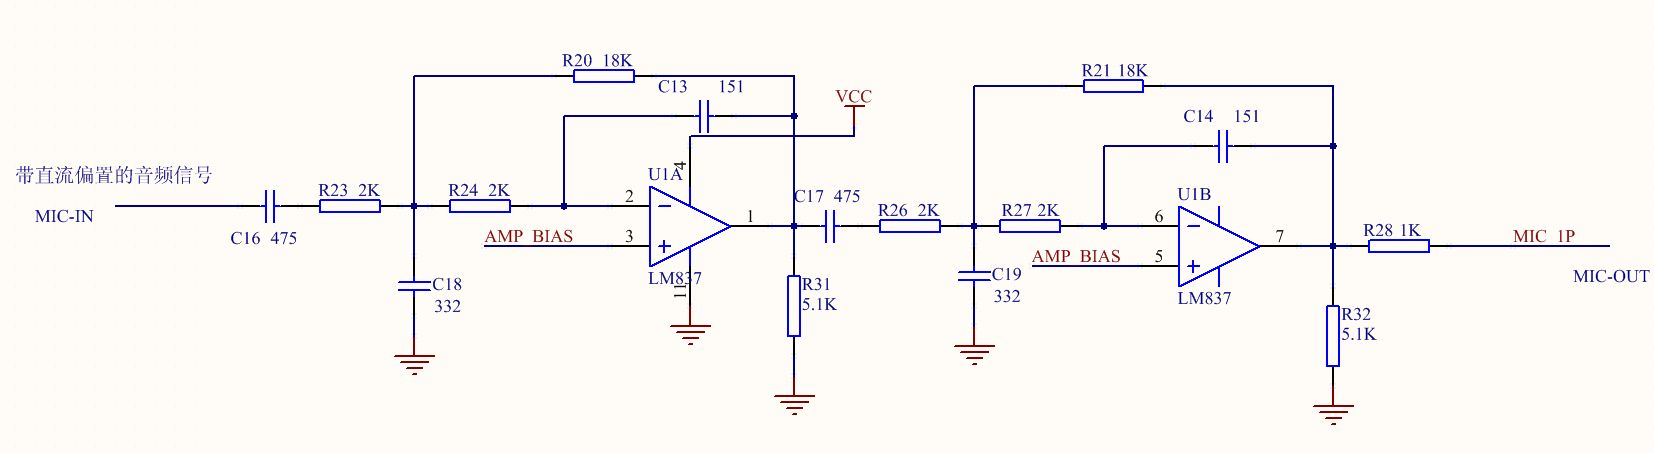 天禾c19-330a电路图